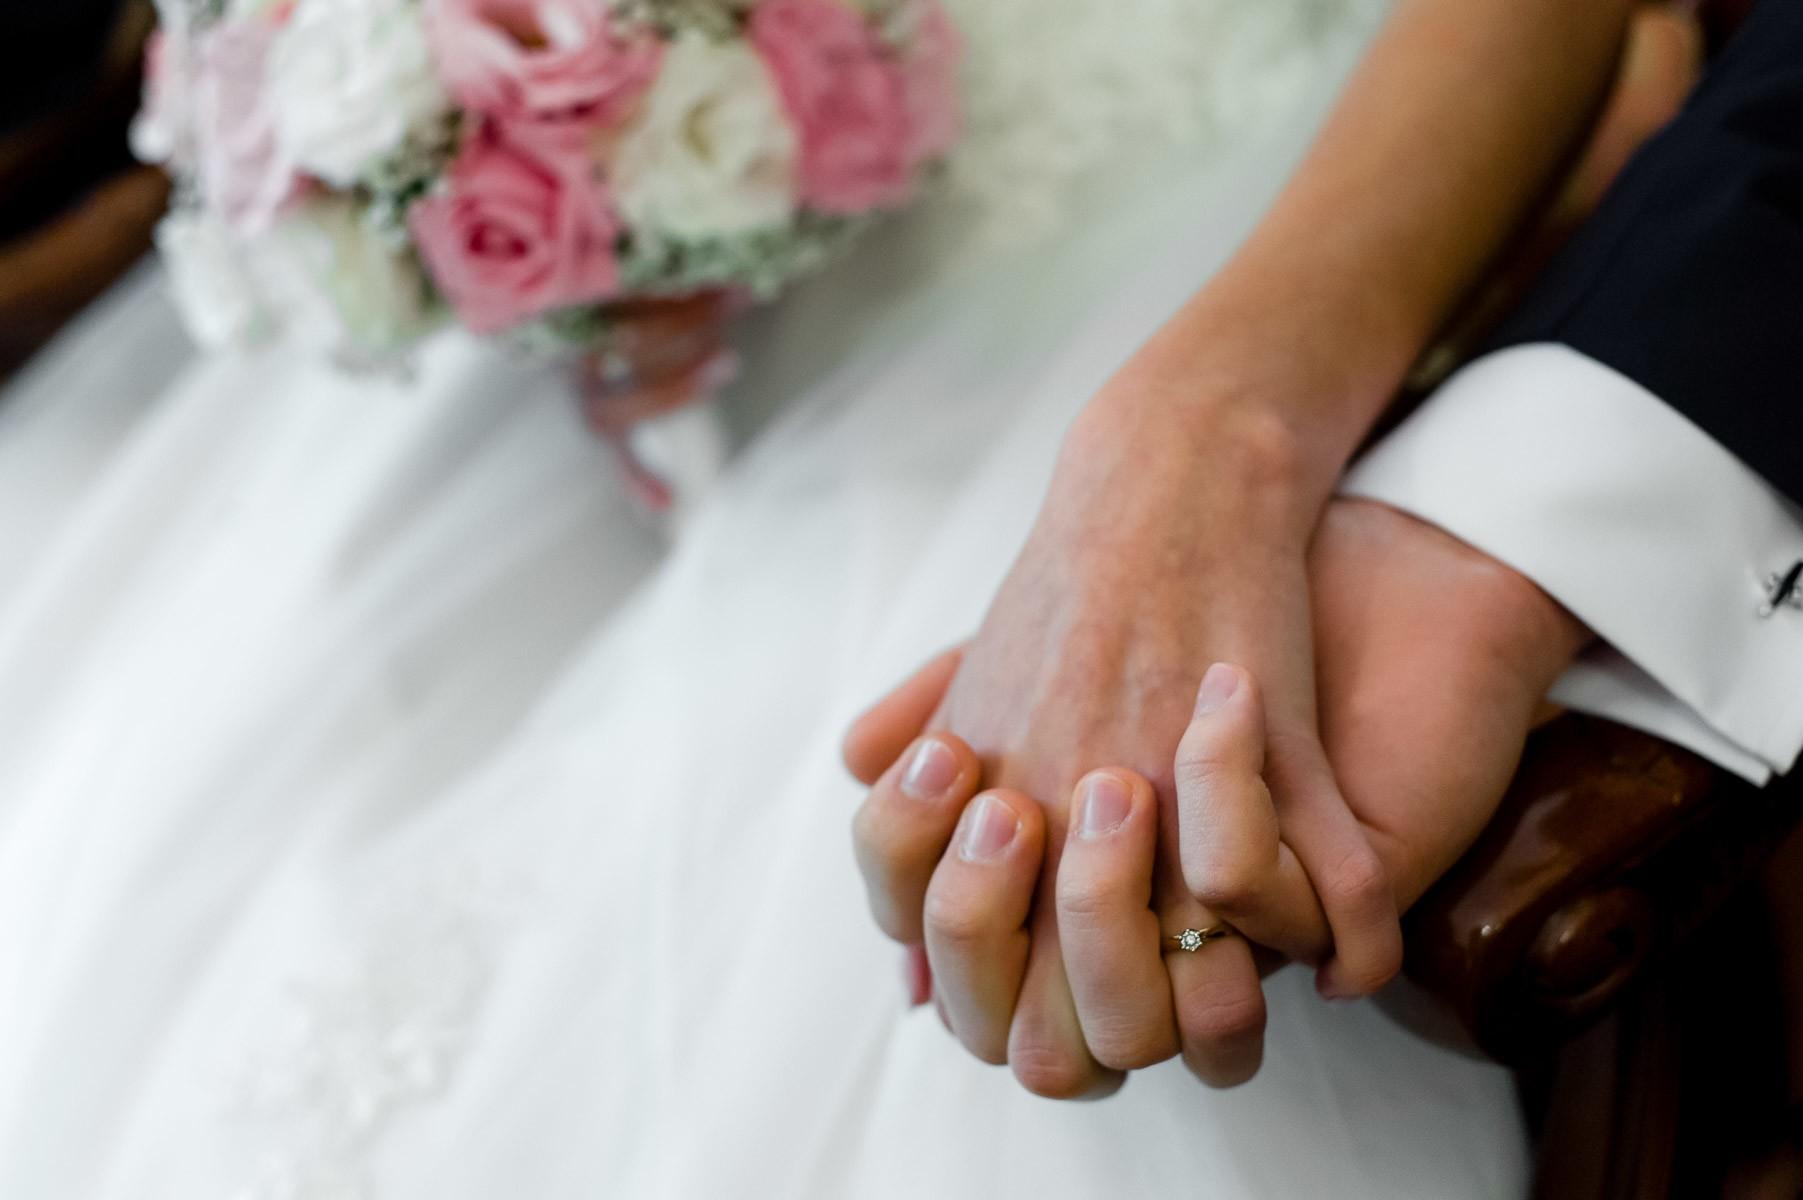 sala na skarpie fotograf slubny slask malopolska adam pietrusiak plener slubny w gorach jw wedding 110